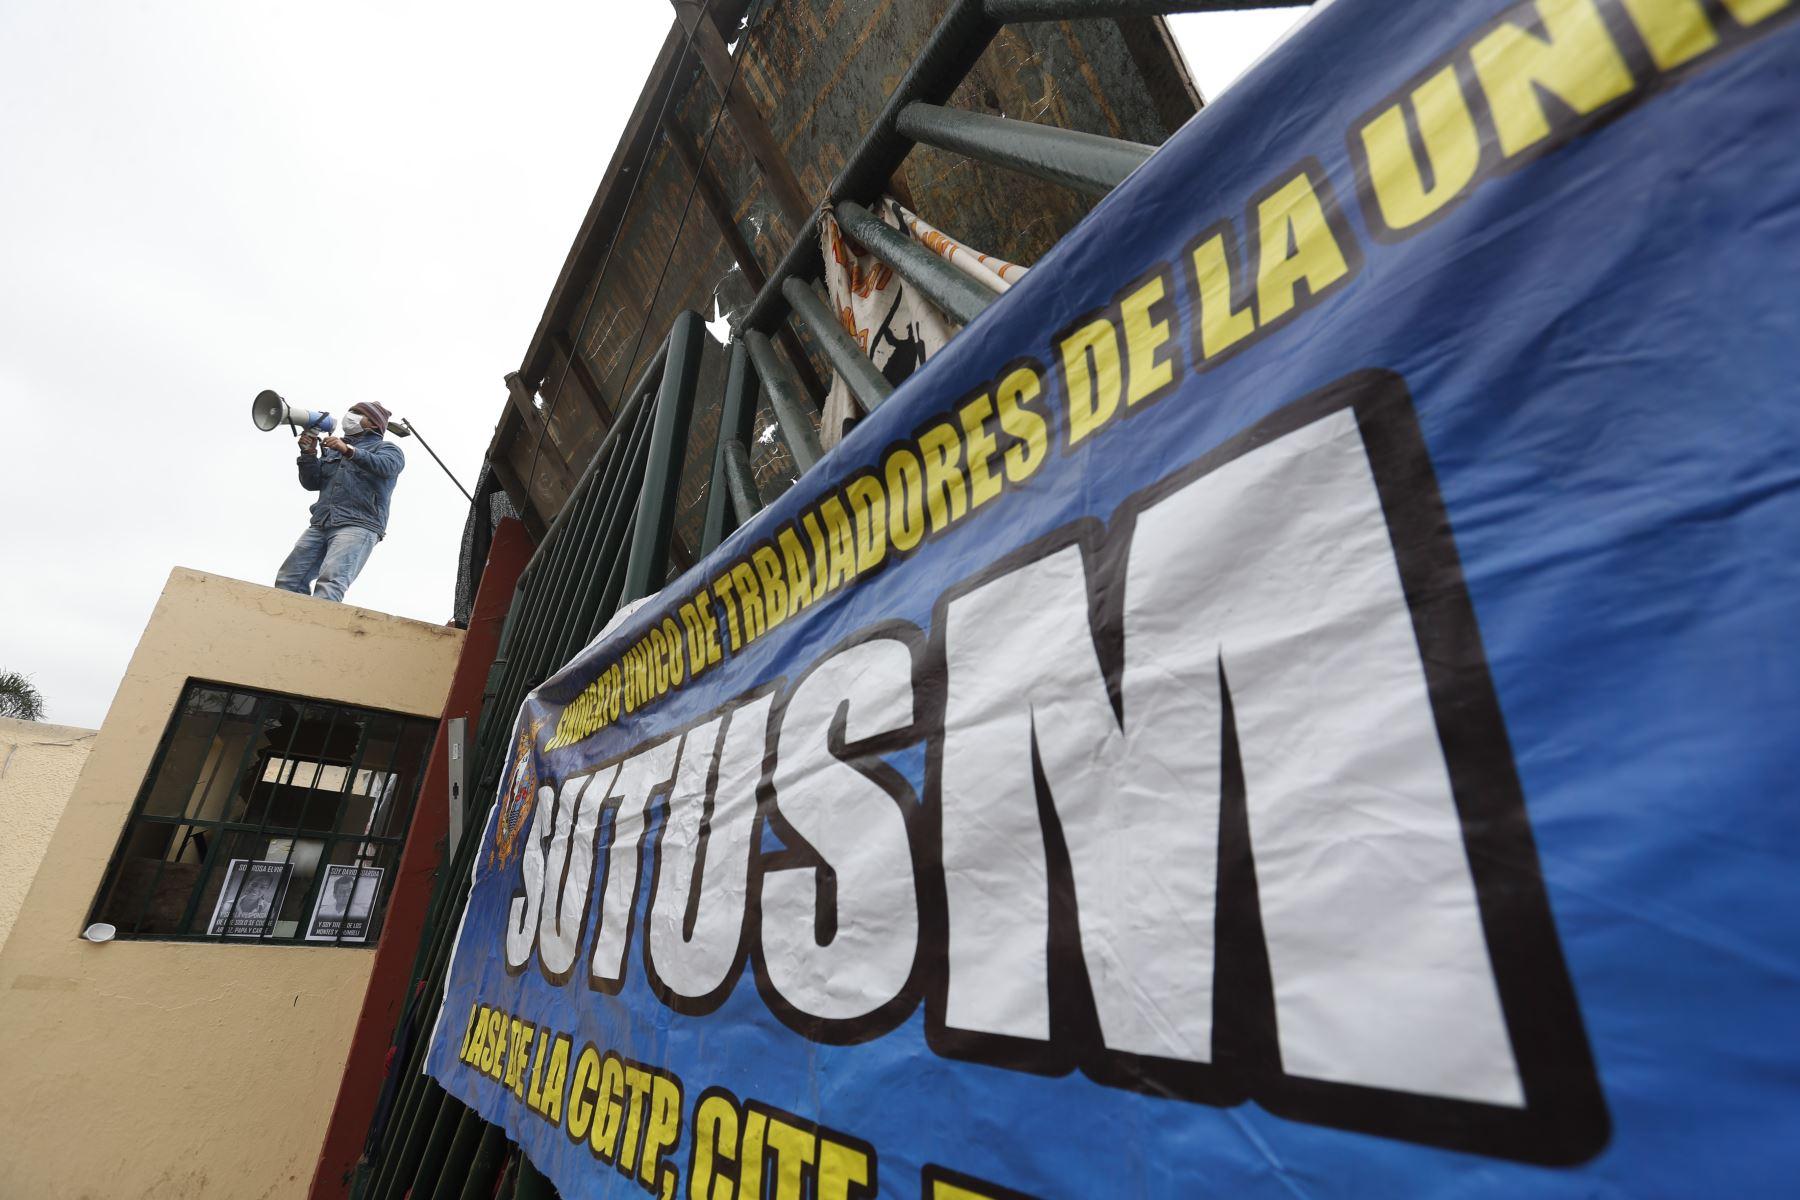 Estudiantes de la universidad San Marcos, hacen guardia en la puerta principal de la ciudad universitaria  en protesta contra la construcción del bypass. Foto: ANDINA/ Renato Pajuelo